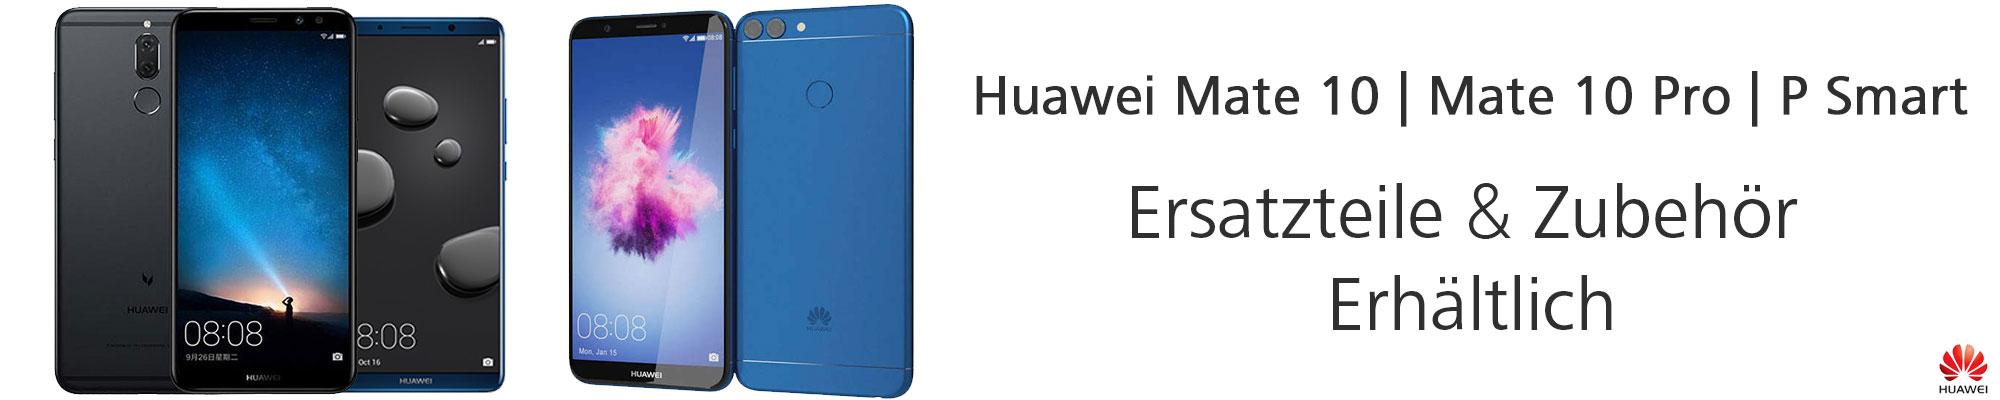 Neue Ersatzteile und Zubehör verfügbar fur Huawei Mate 10, Mate 10 Pro and P Smart